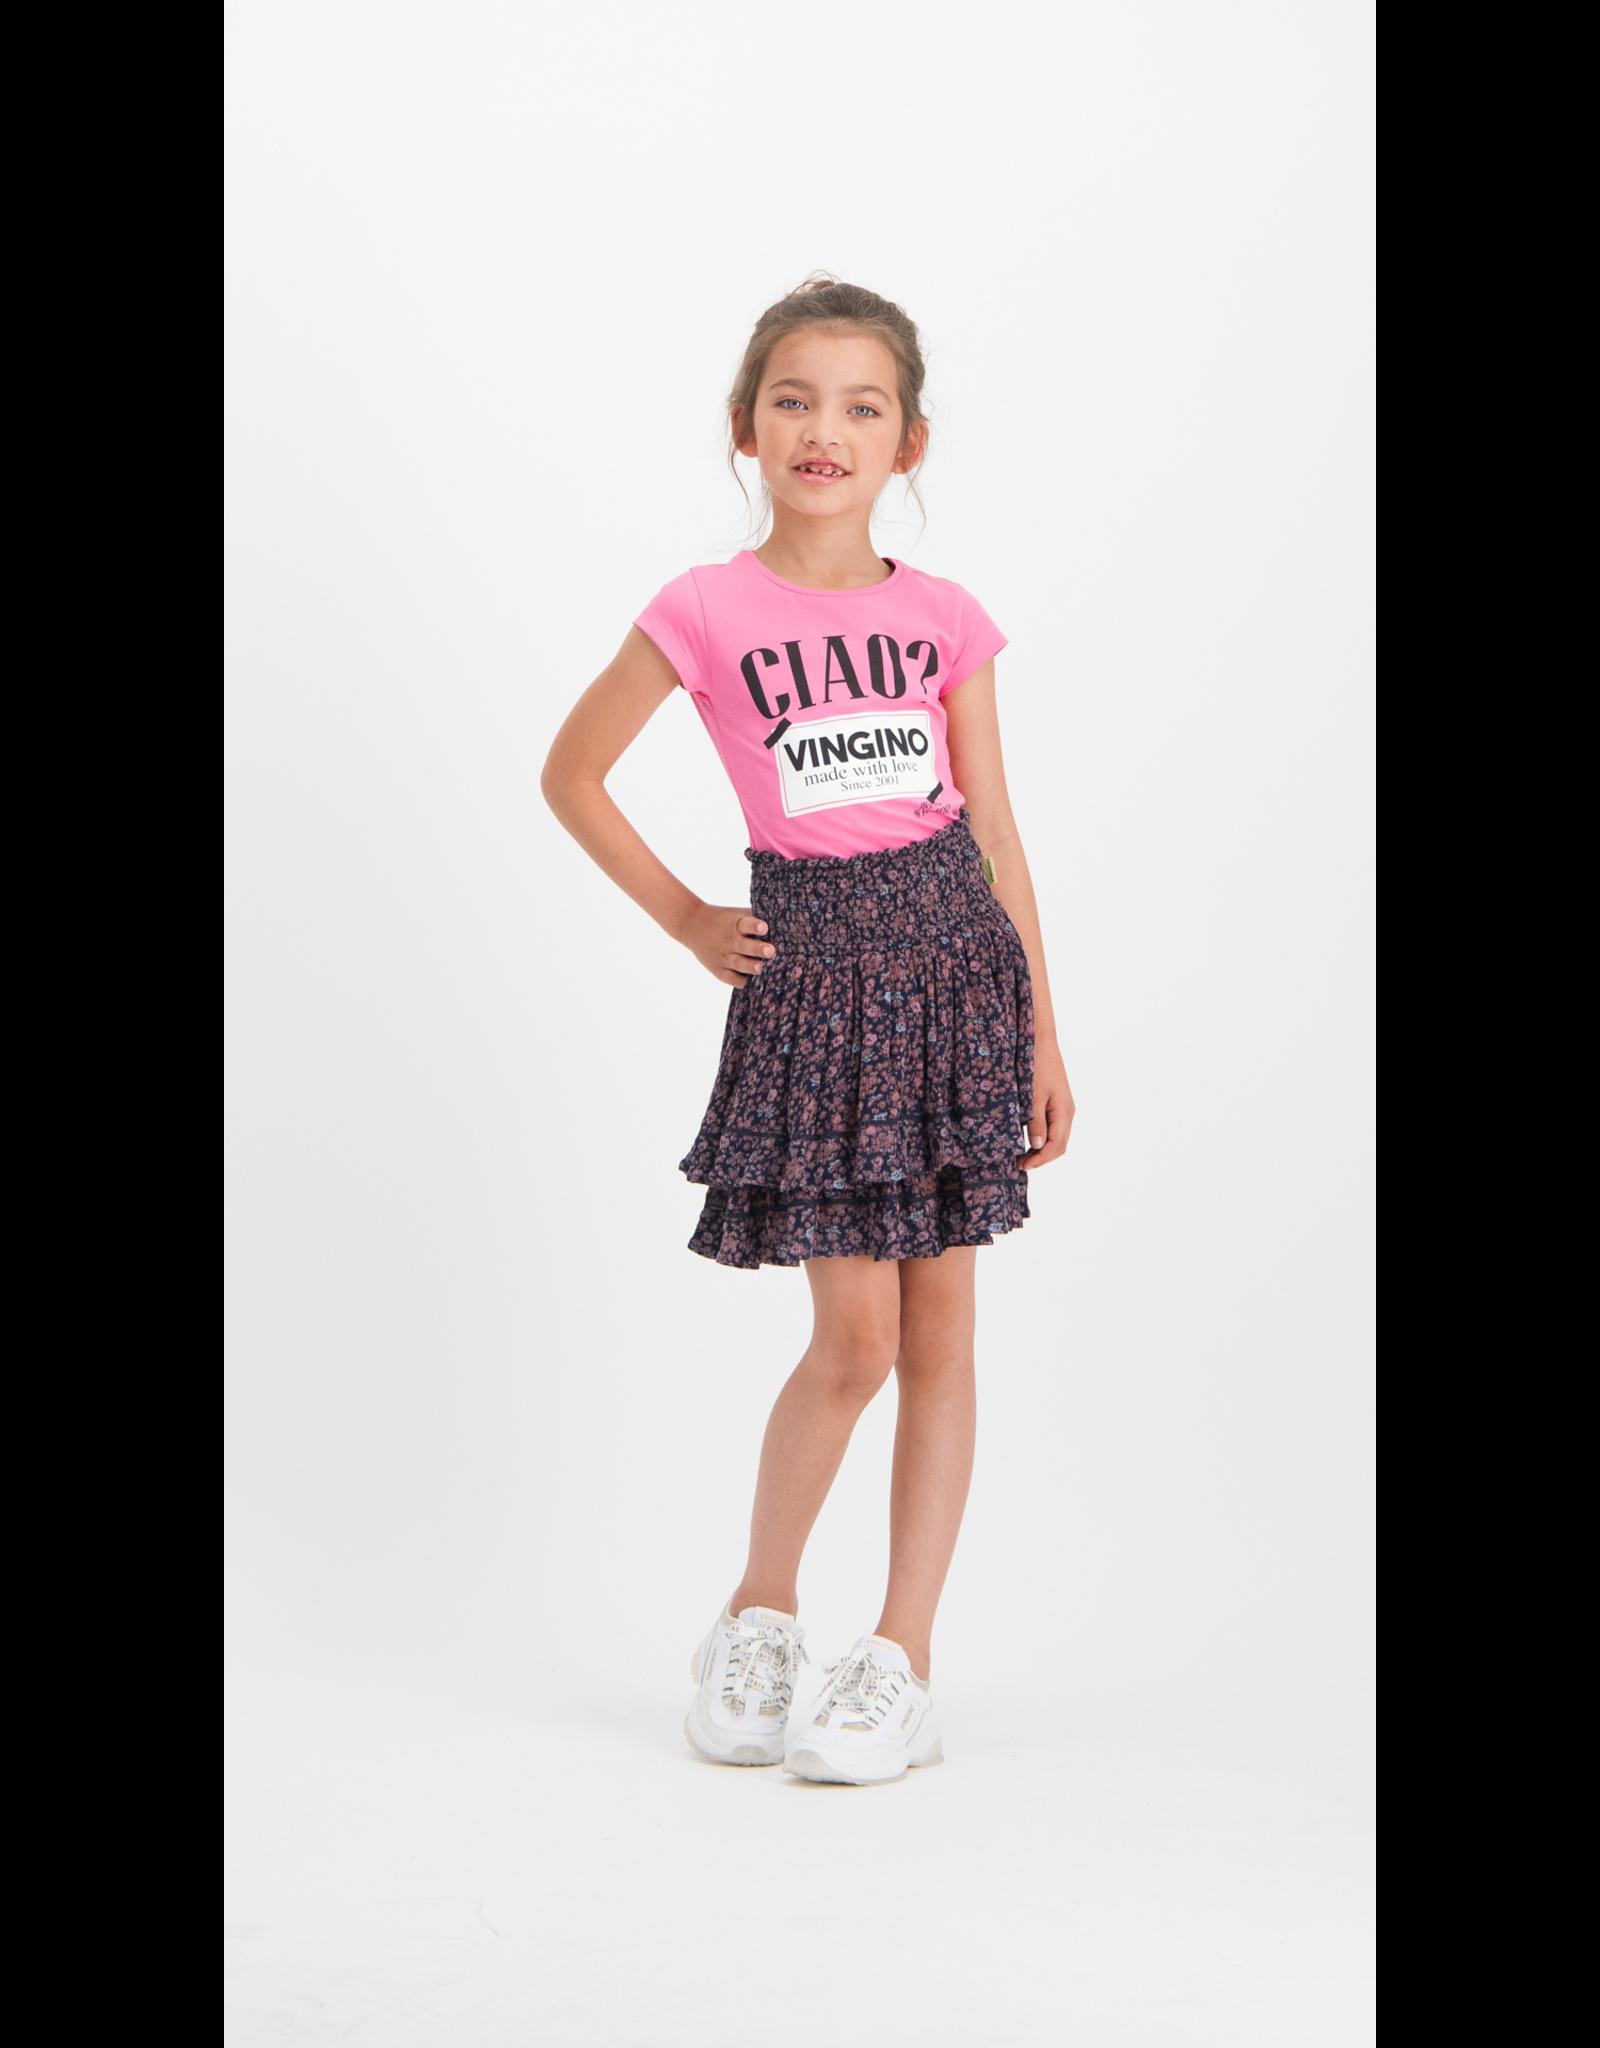 Vingino Vingino meiden t-shirt Hinry Gloss Pink